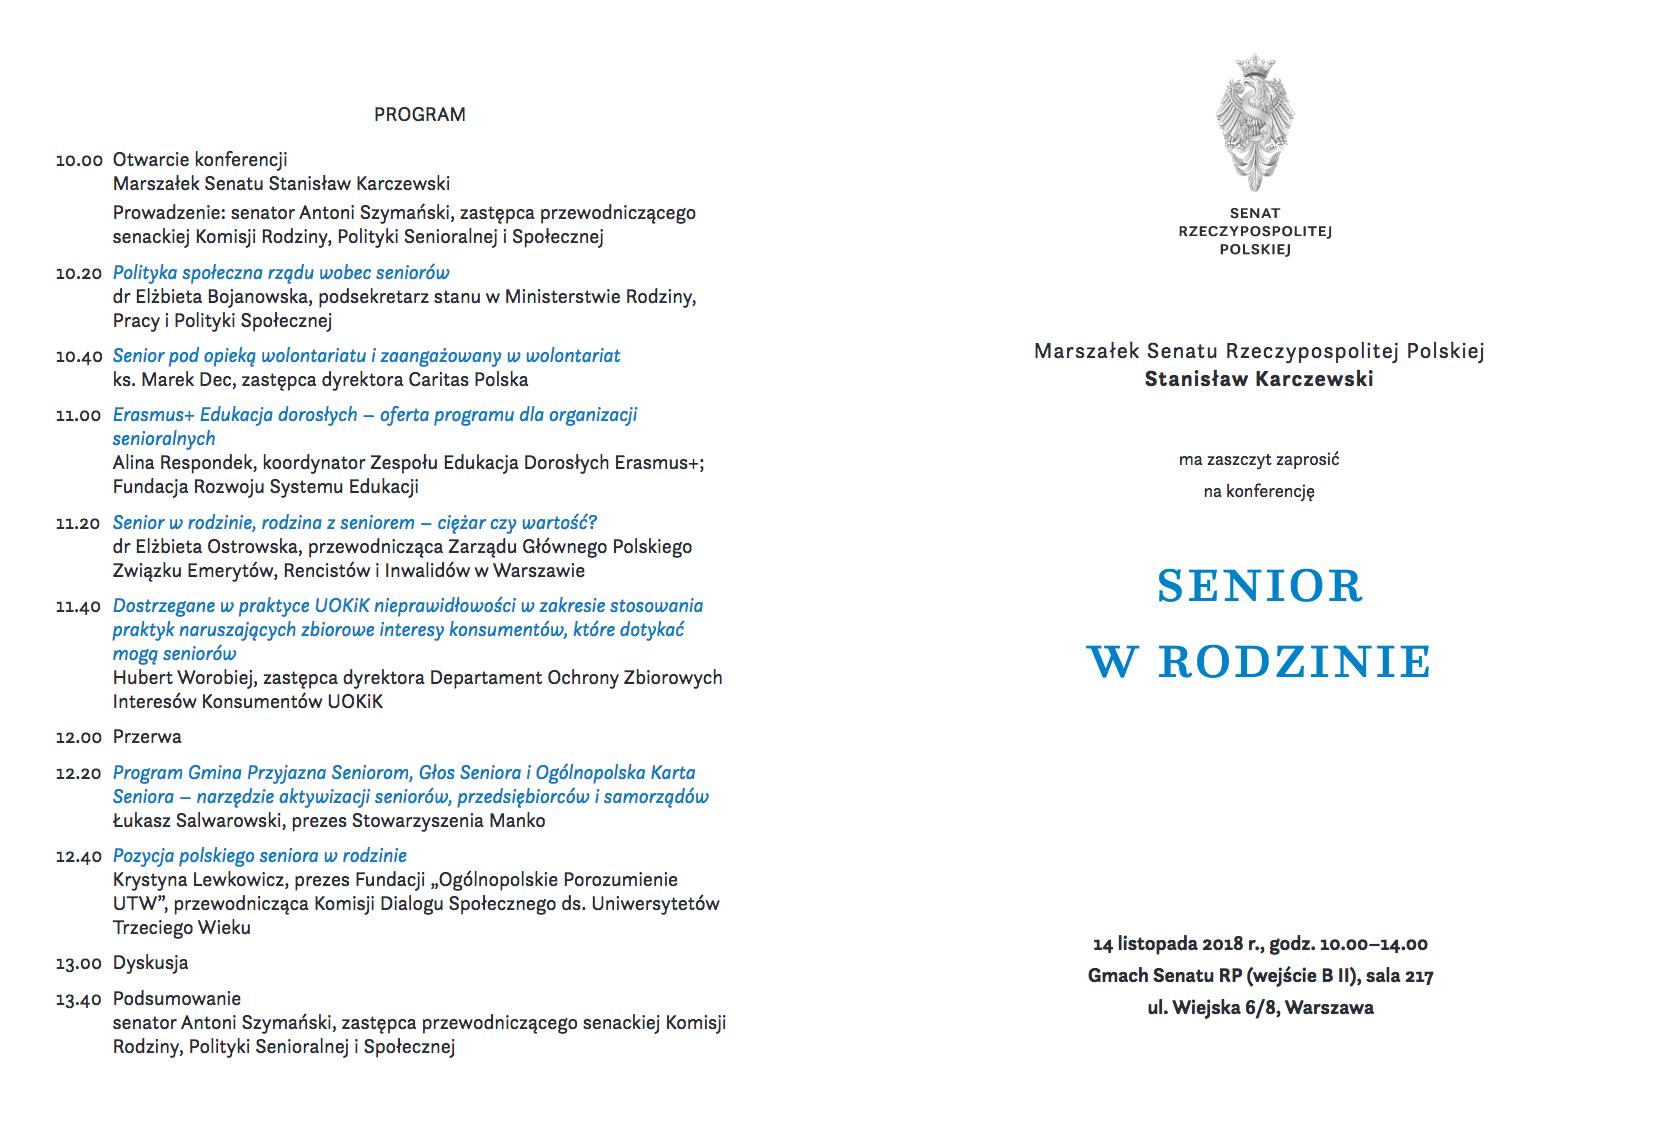 Program konferencji zapowiedzianej na 14 listopada w Senacie (źródło: Senat RP/senat.gov.pl)